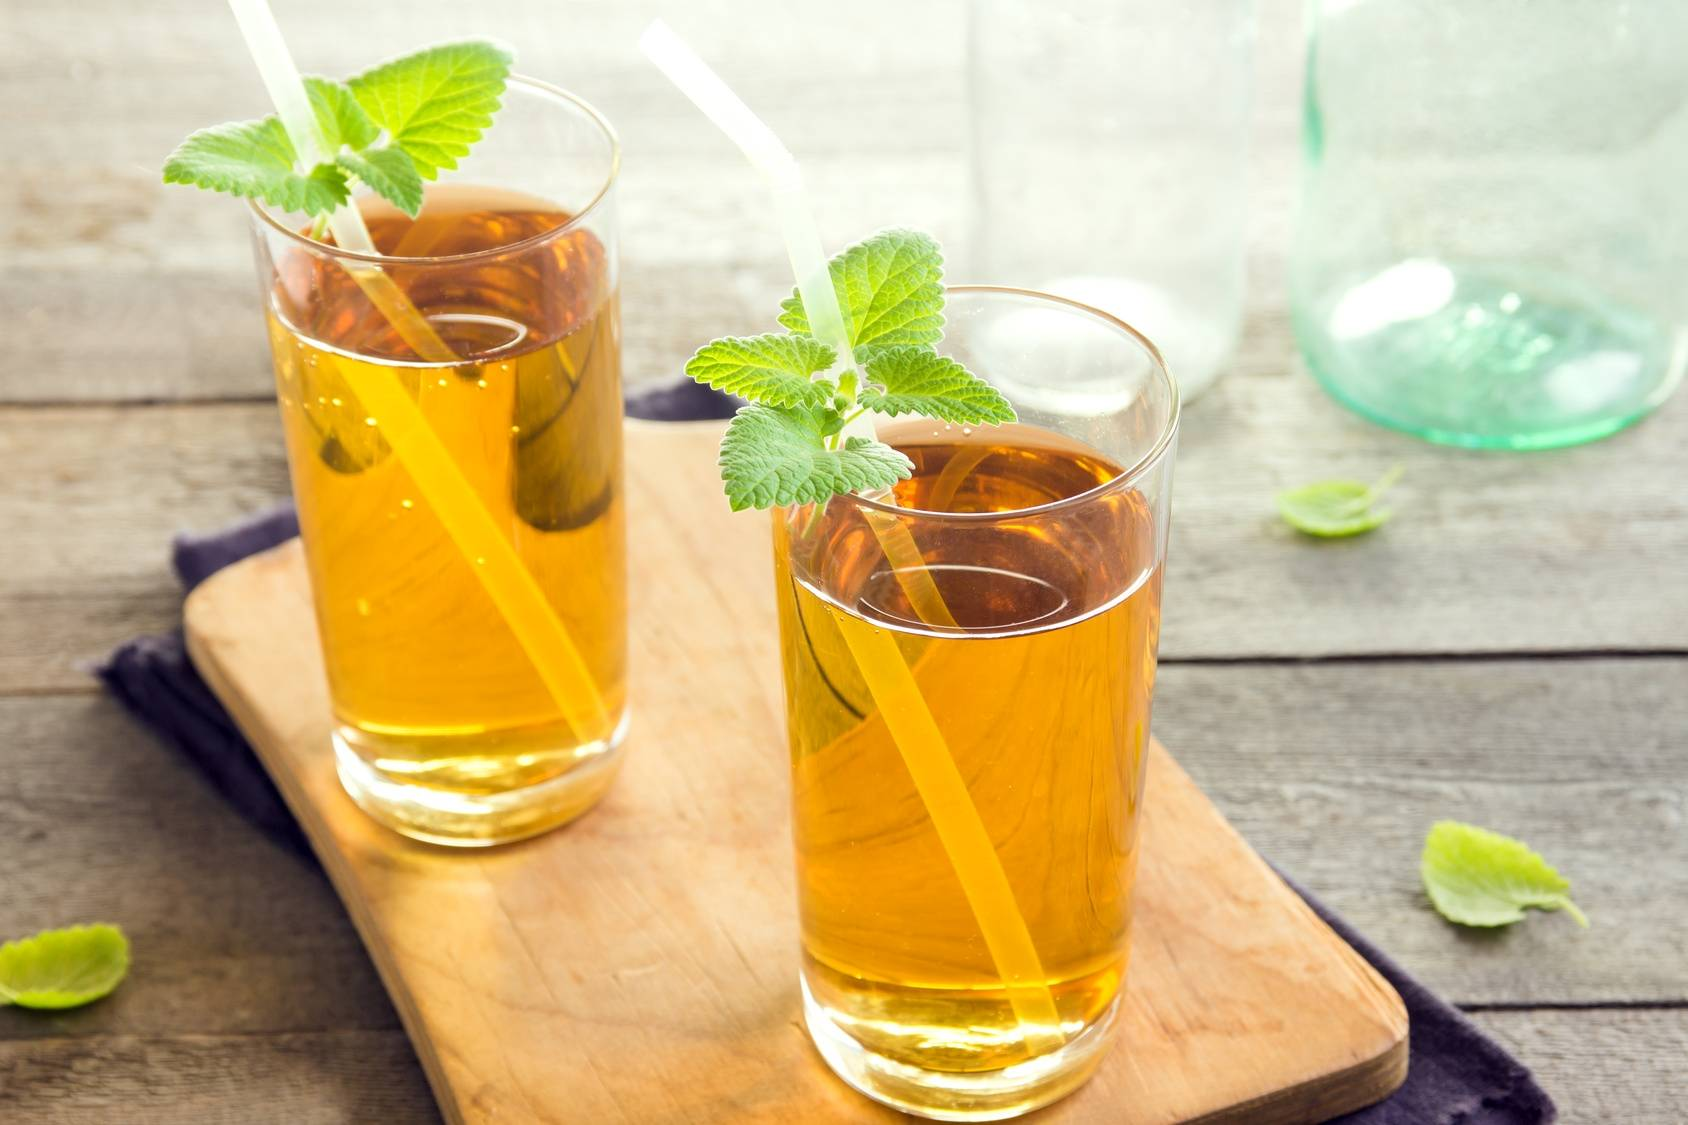 Herbata kombucha - naturalny probiotyk.